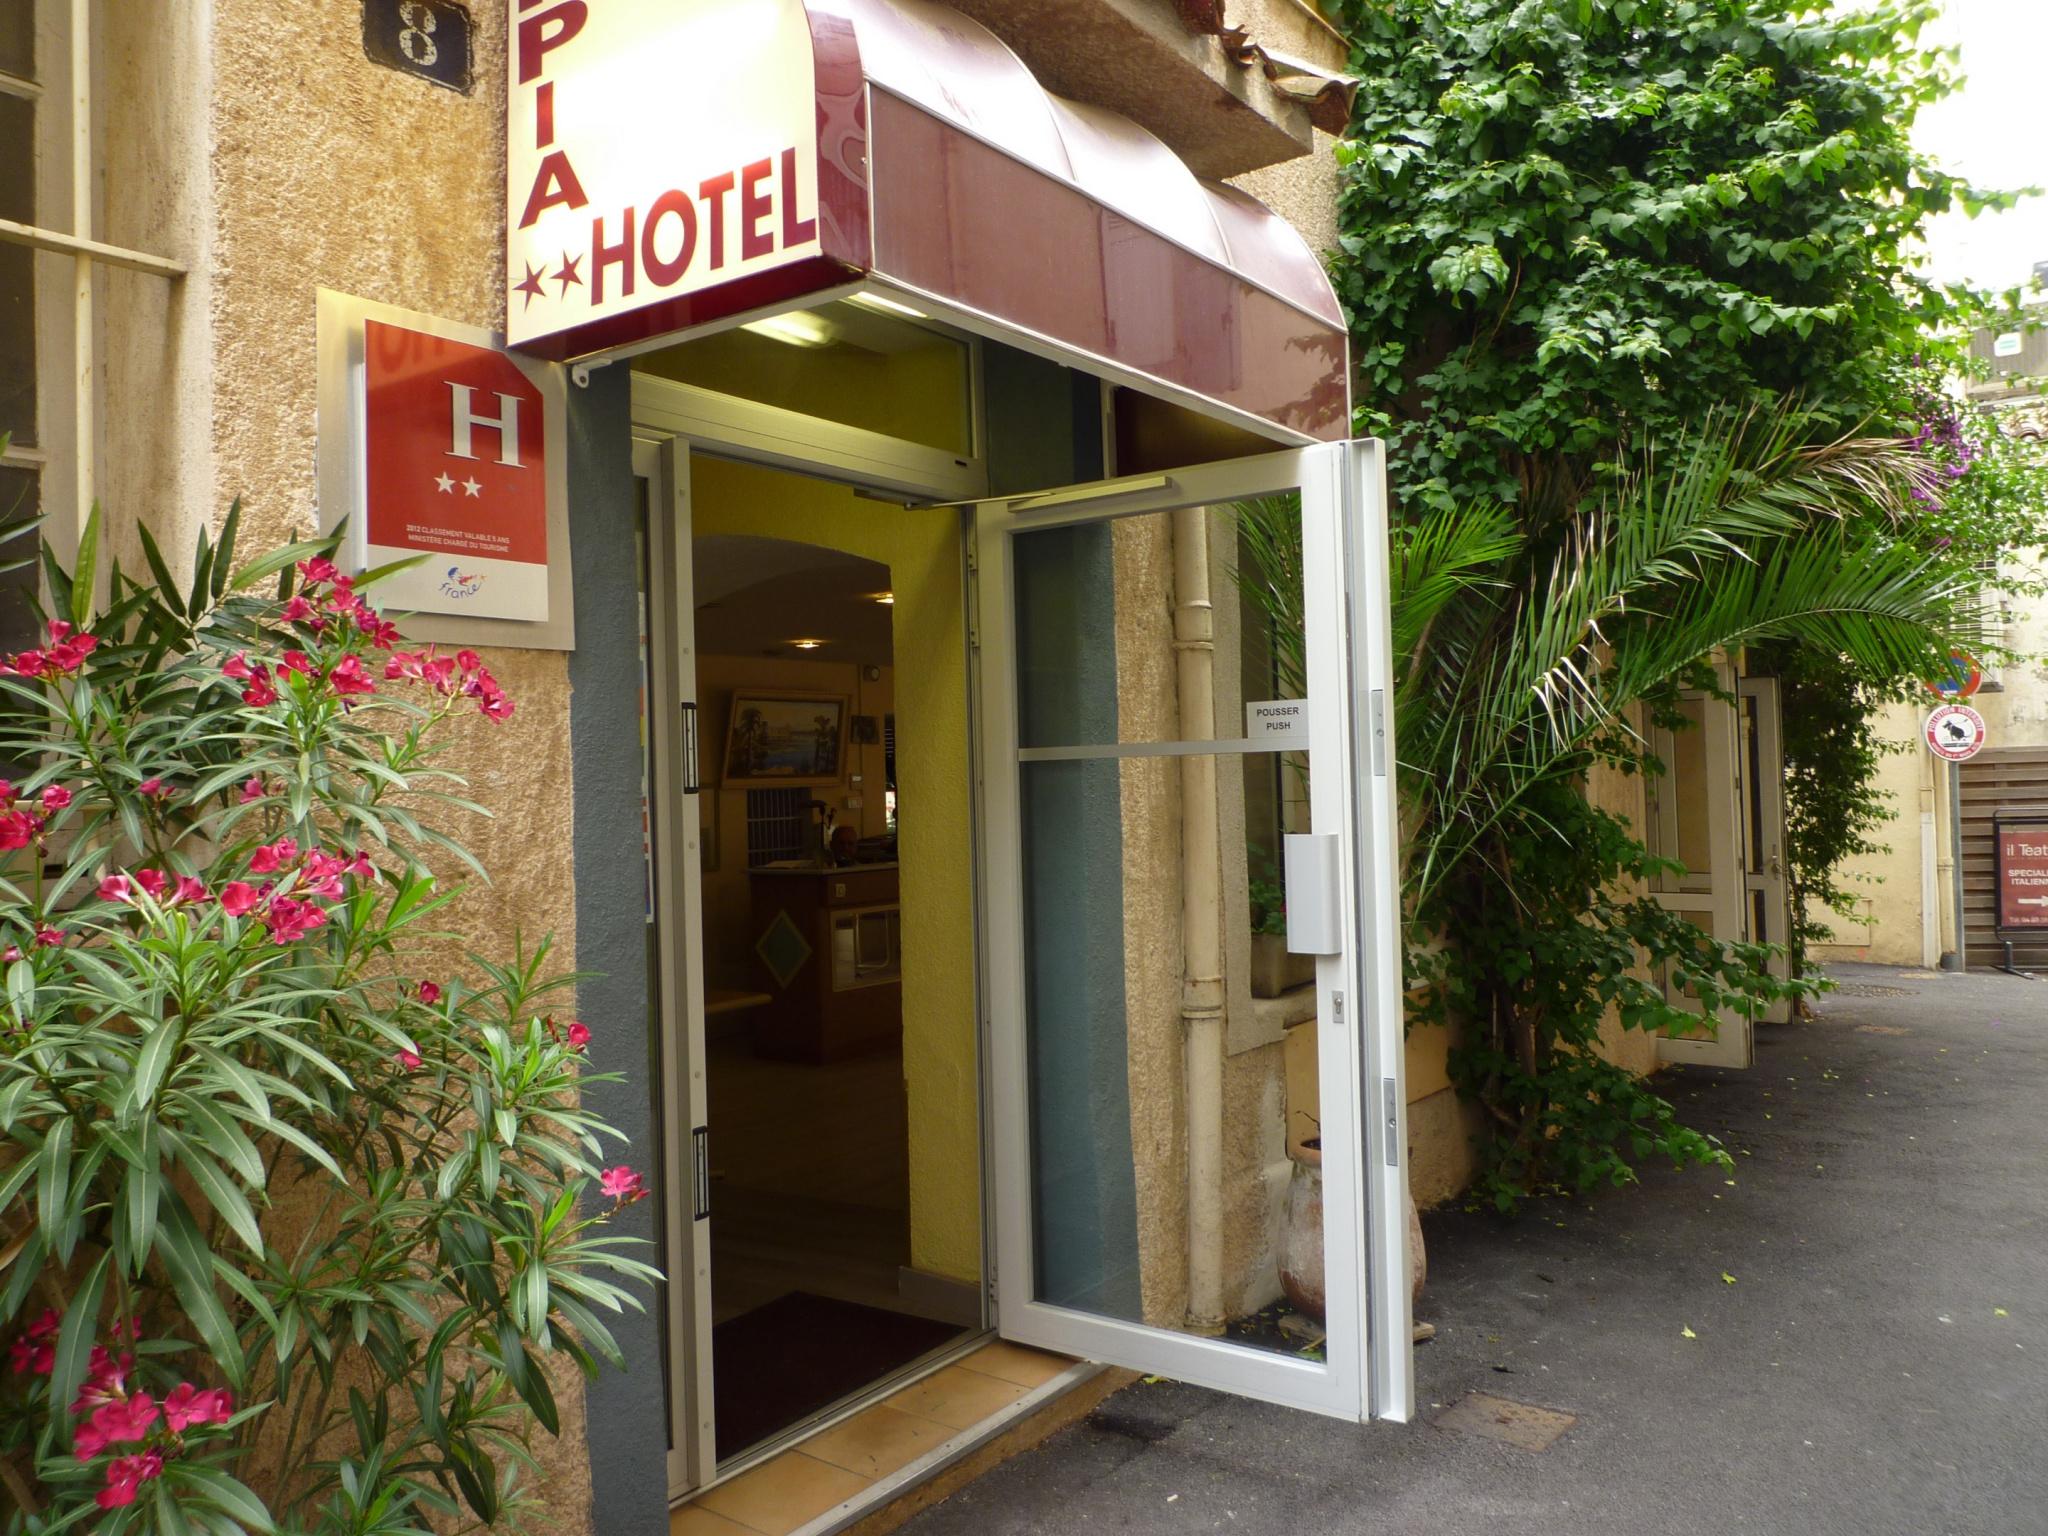 HOTEL BUREAU - CENTRE VILLE DE CANNES - Hôtel Restaurant